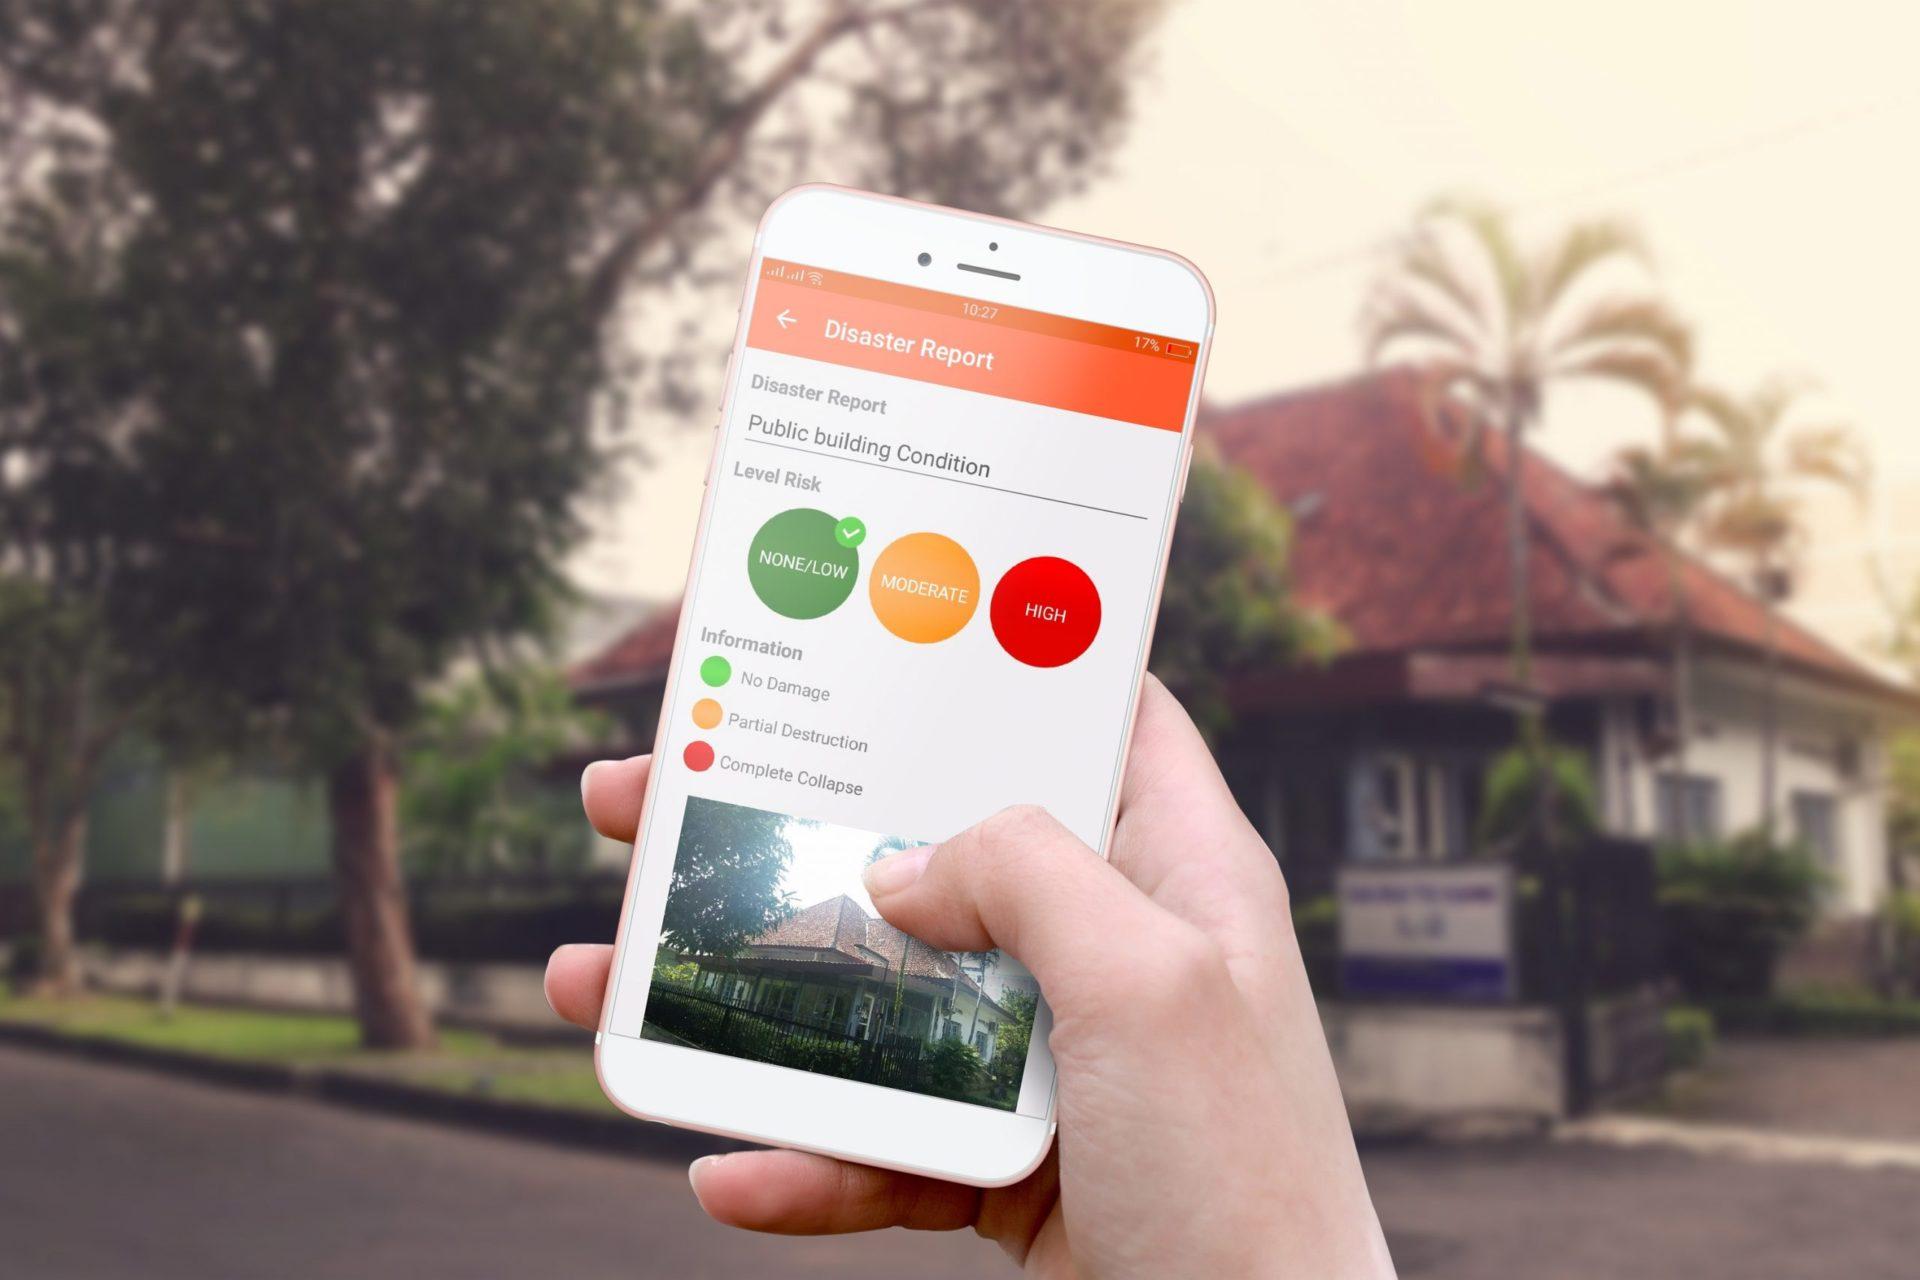 Simulasikan Penggunaan Cared di Aceh, Gamatechno Ajak Publik Untuk Tanggap Bencana